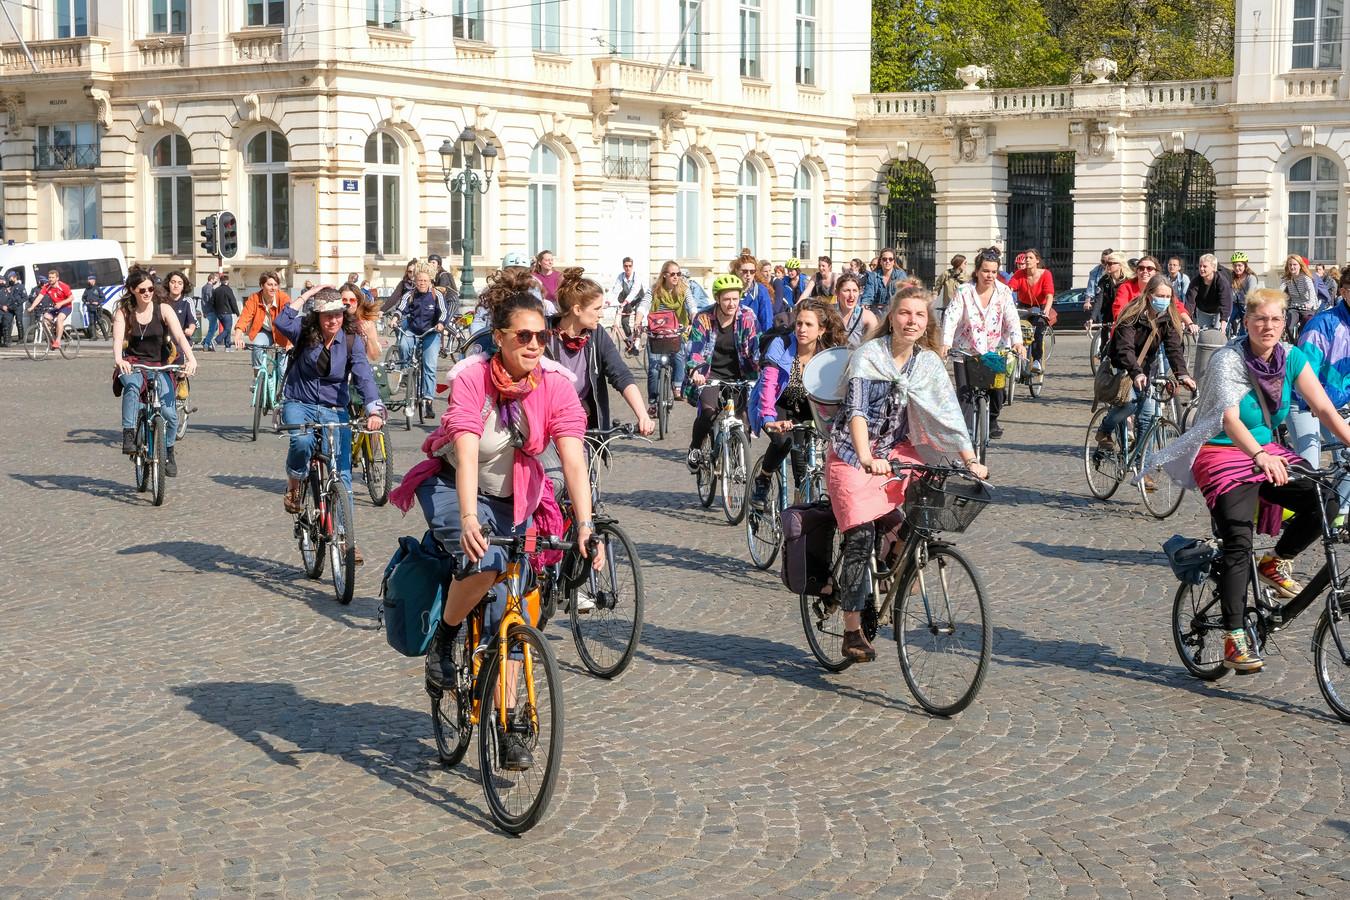 Fietsers rijden door Brussel.